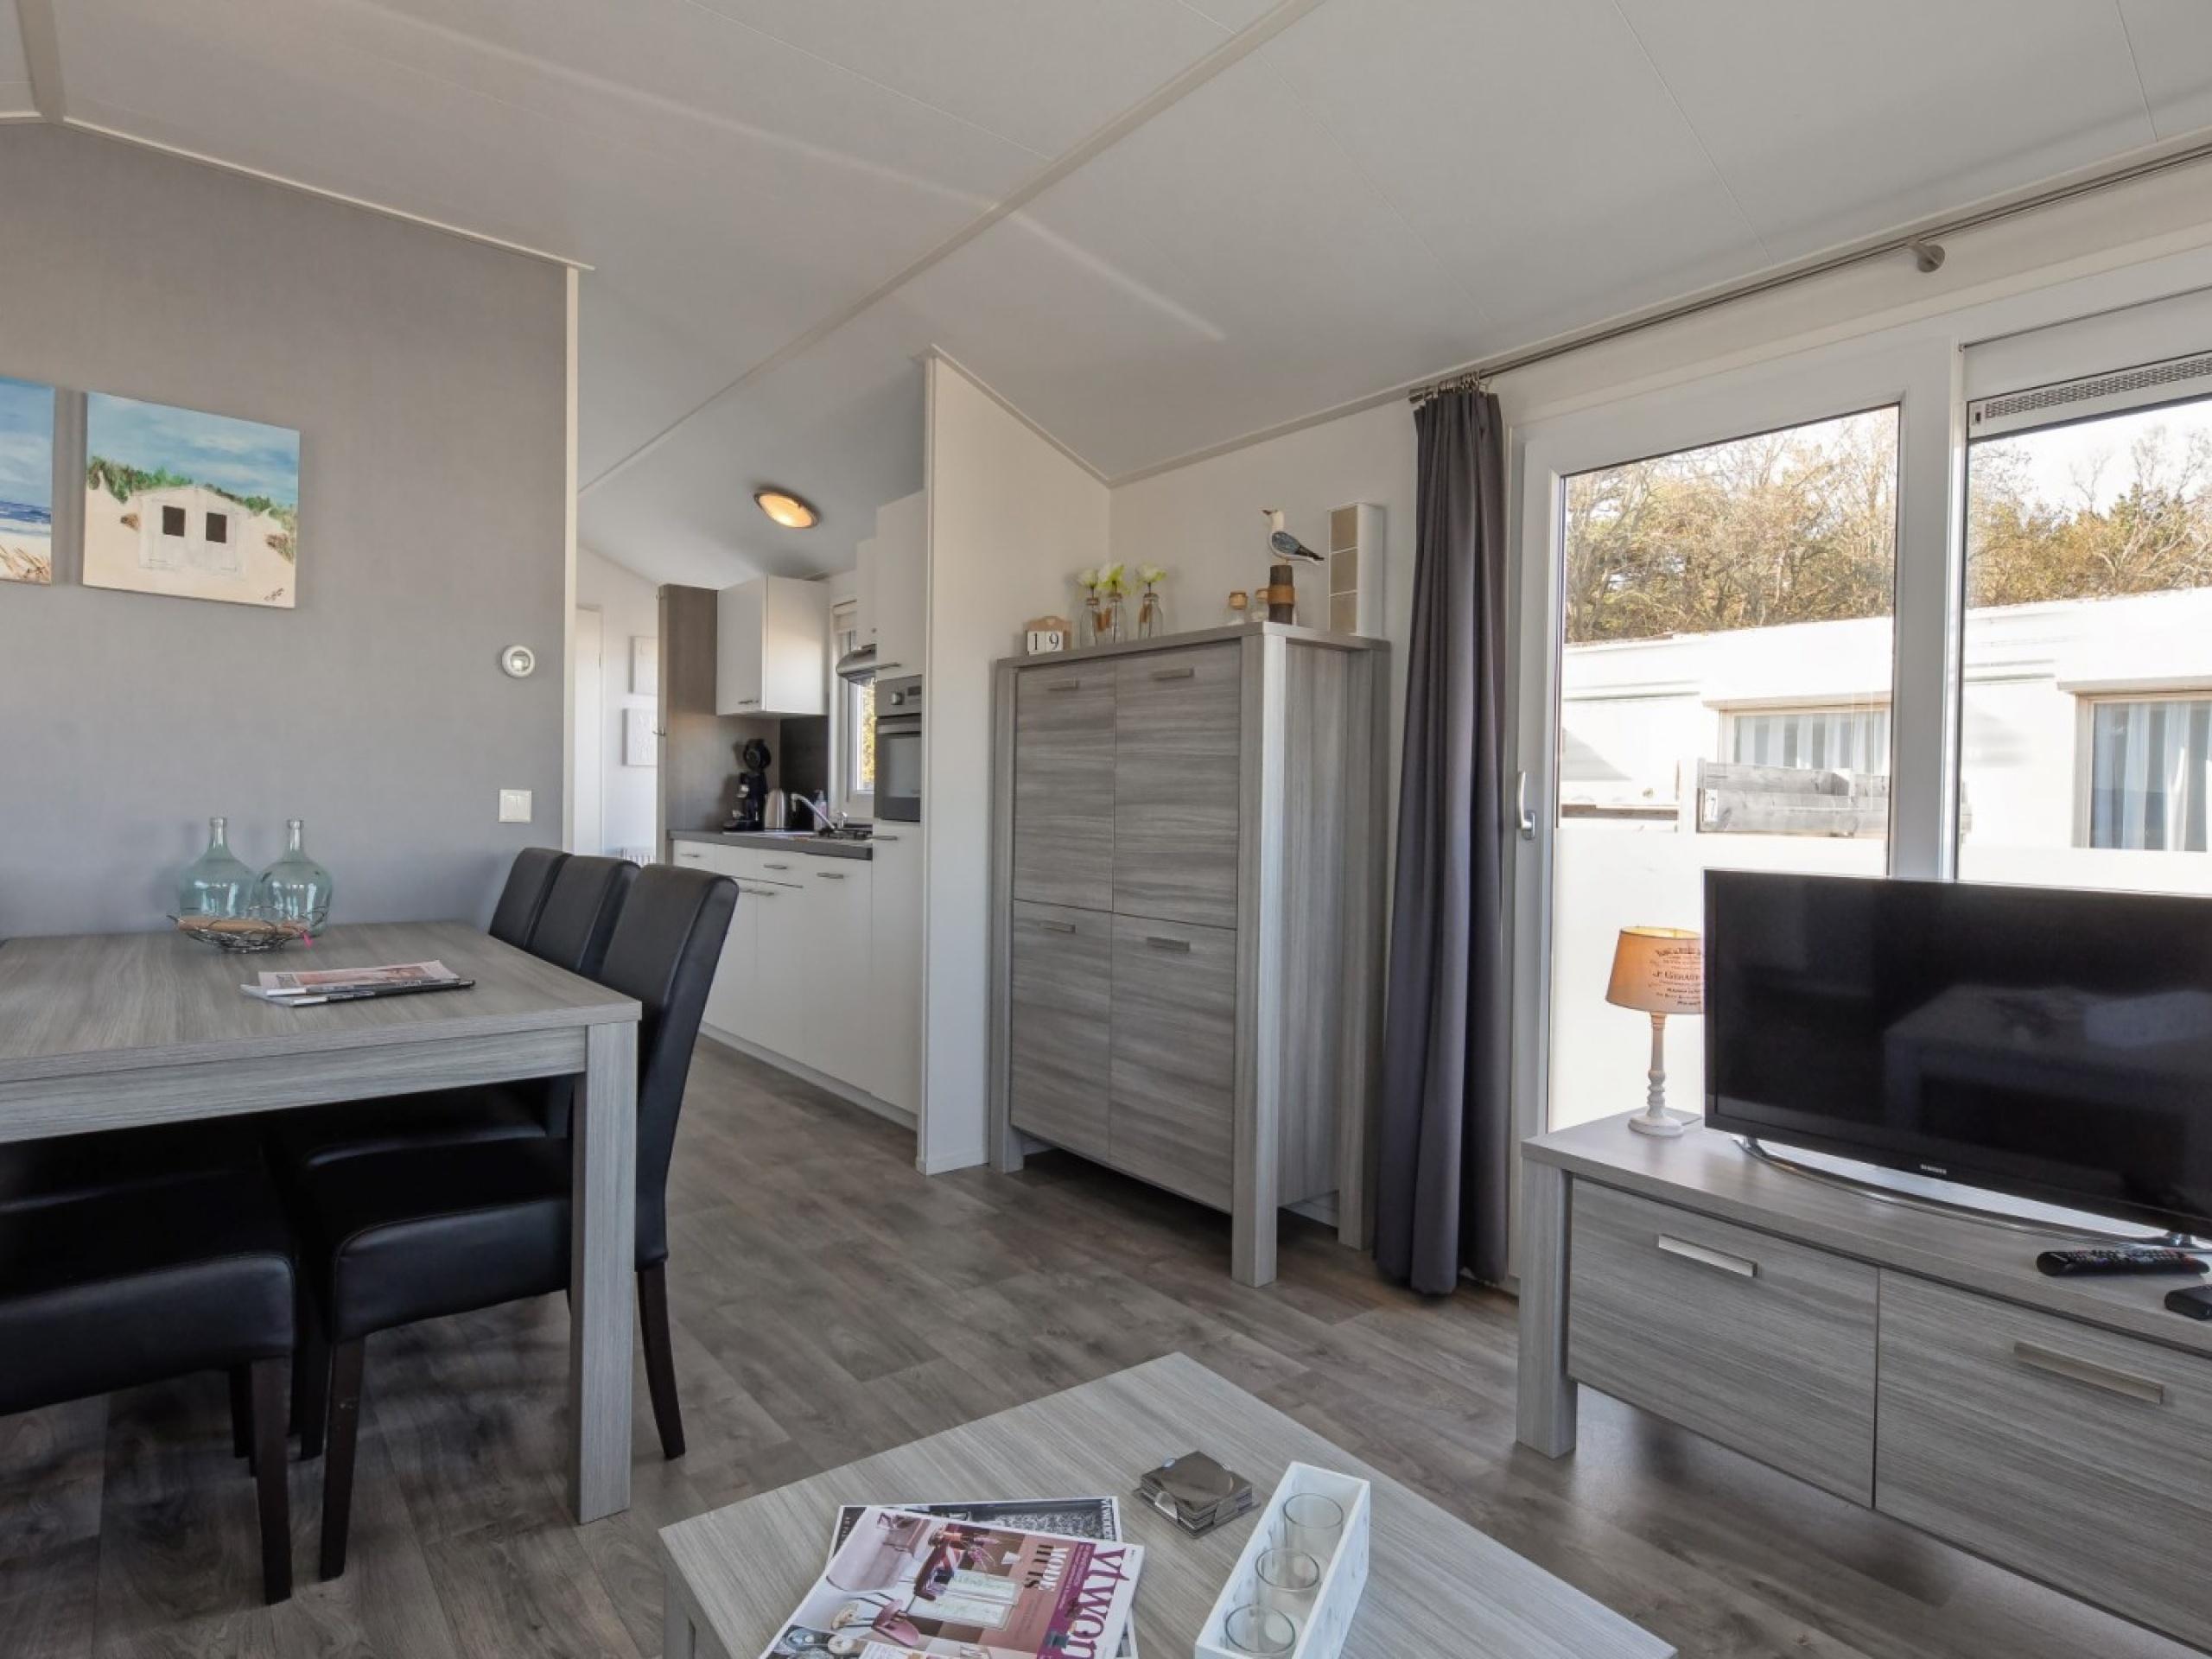 Modern ingericht luxe chalet op loopafstand van zee in De Koog